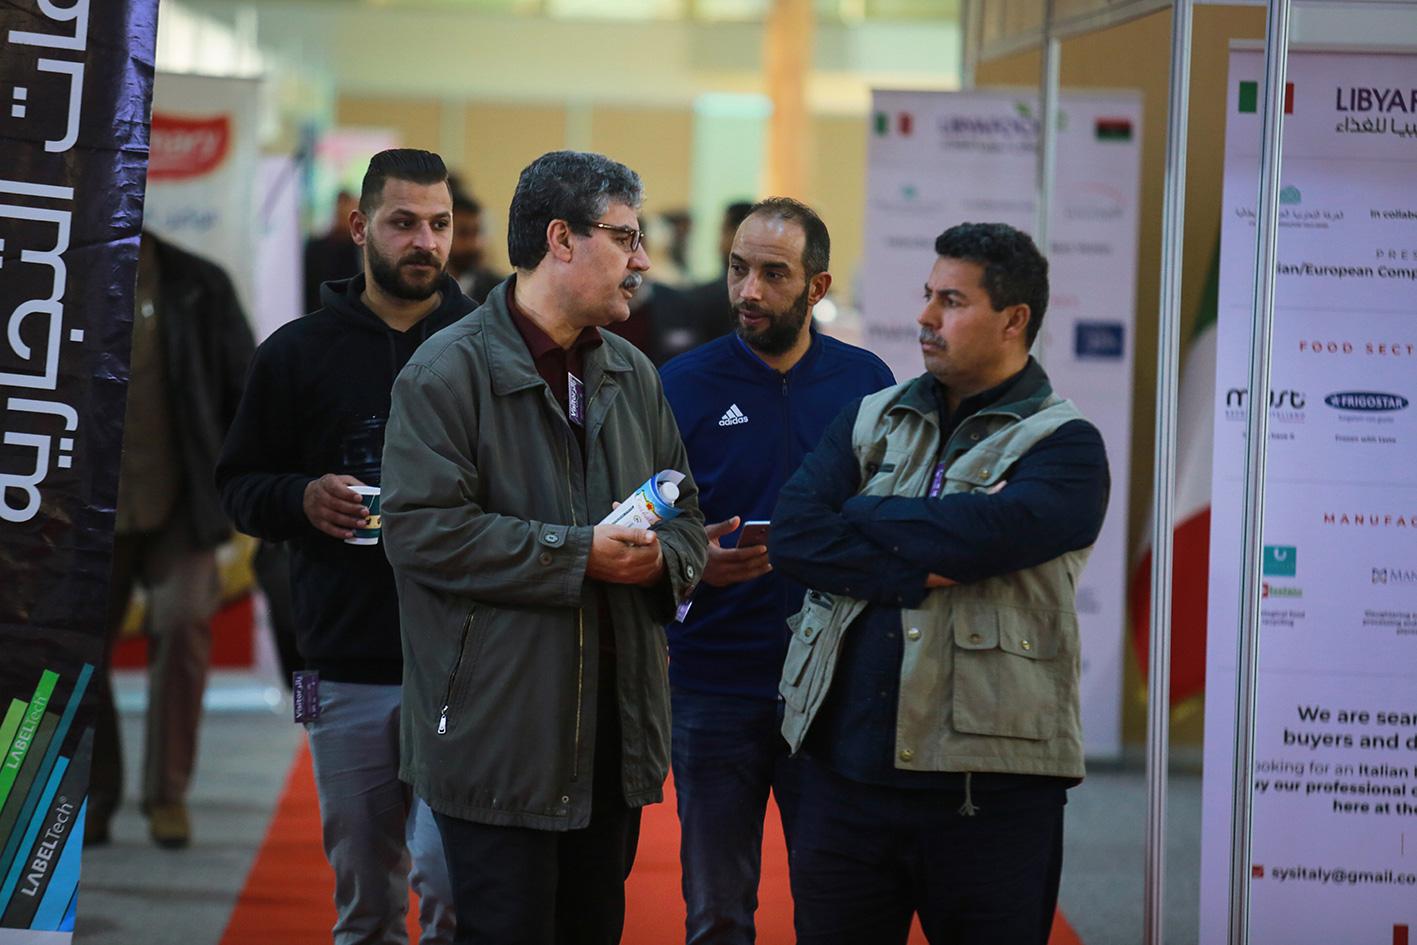 Libya Food Expo 2019